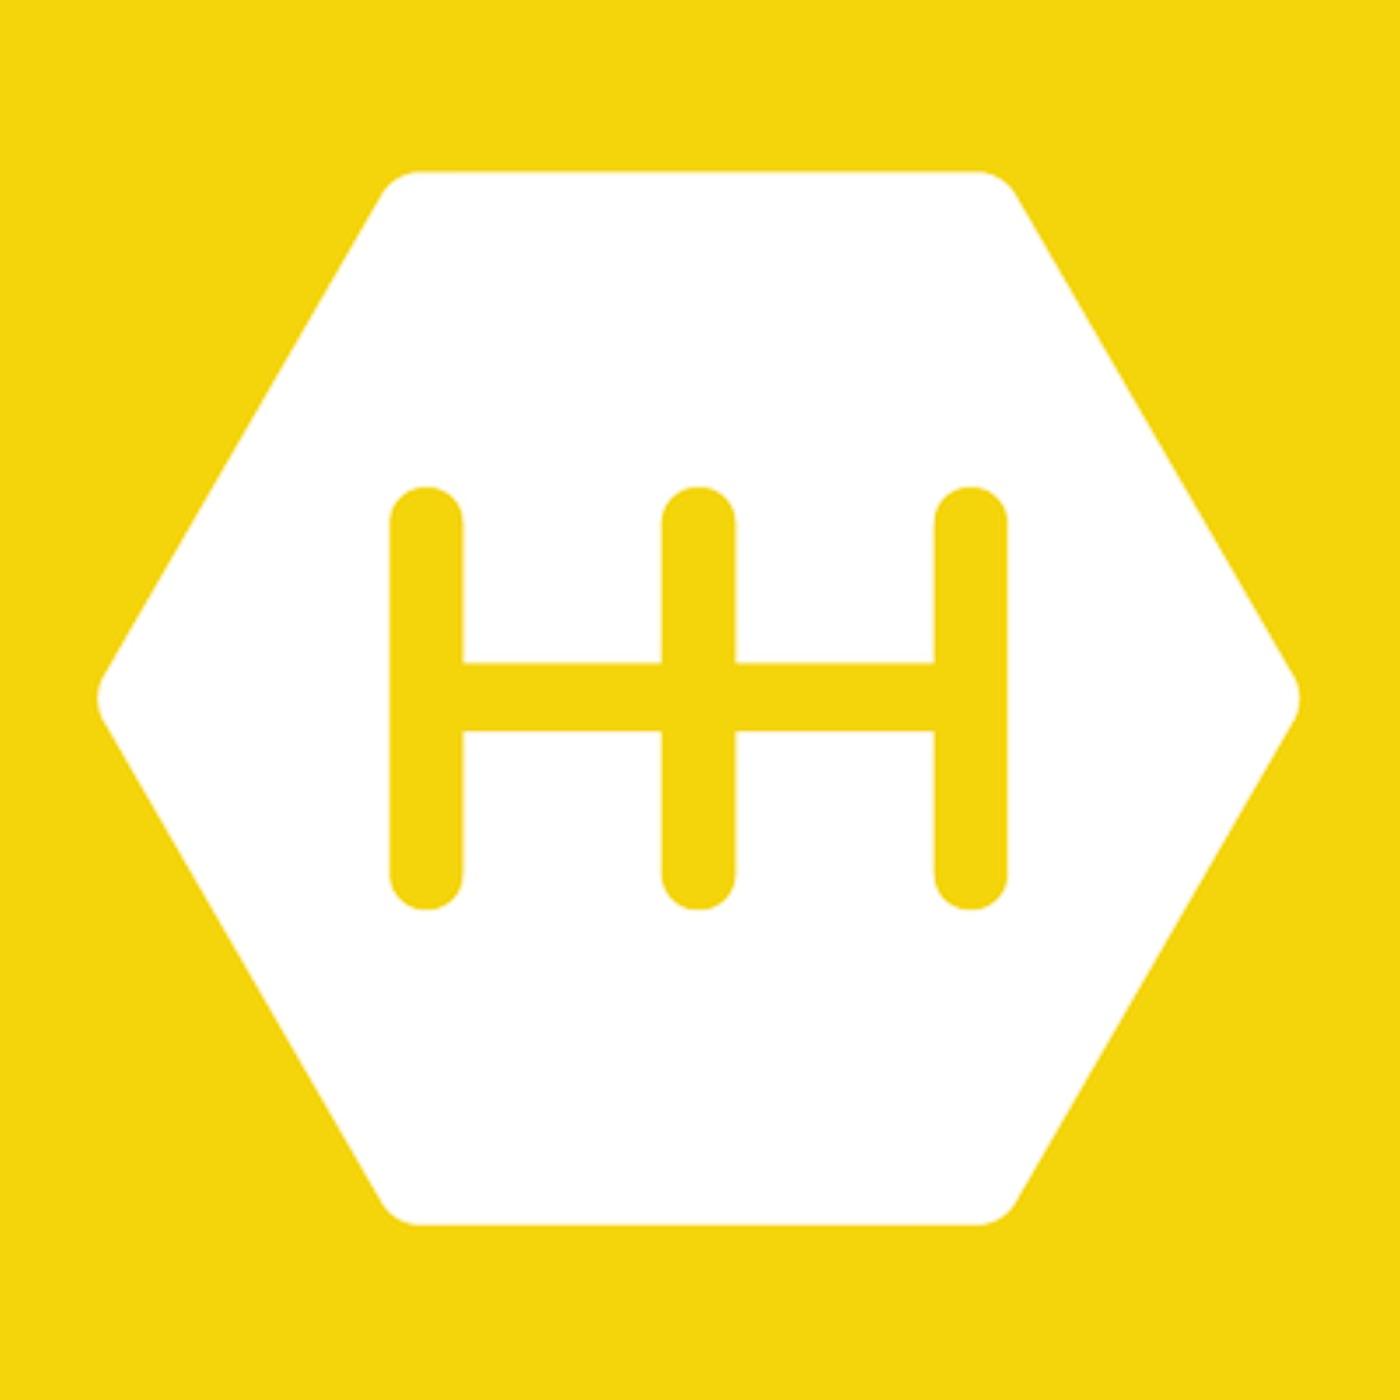 huddlehive